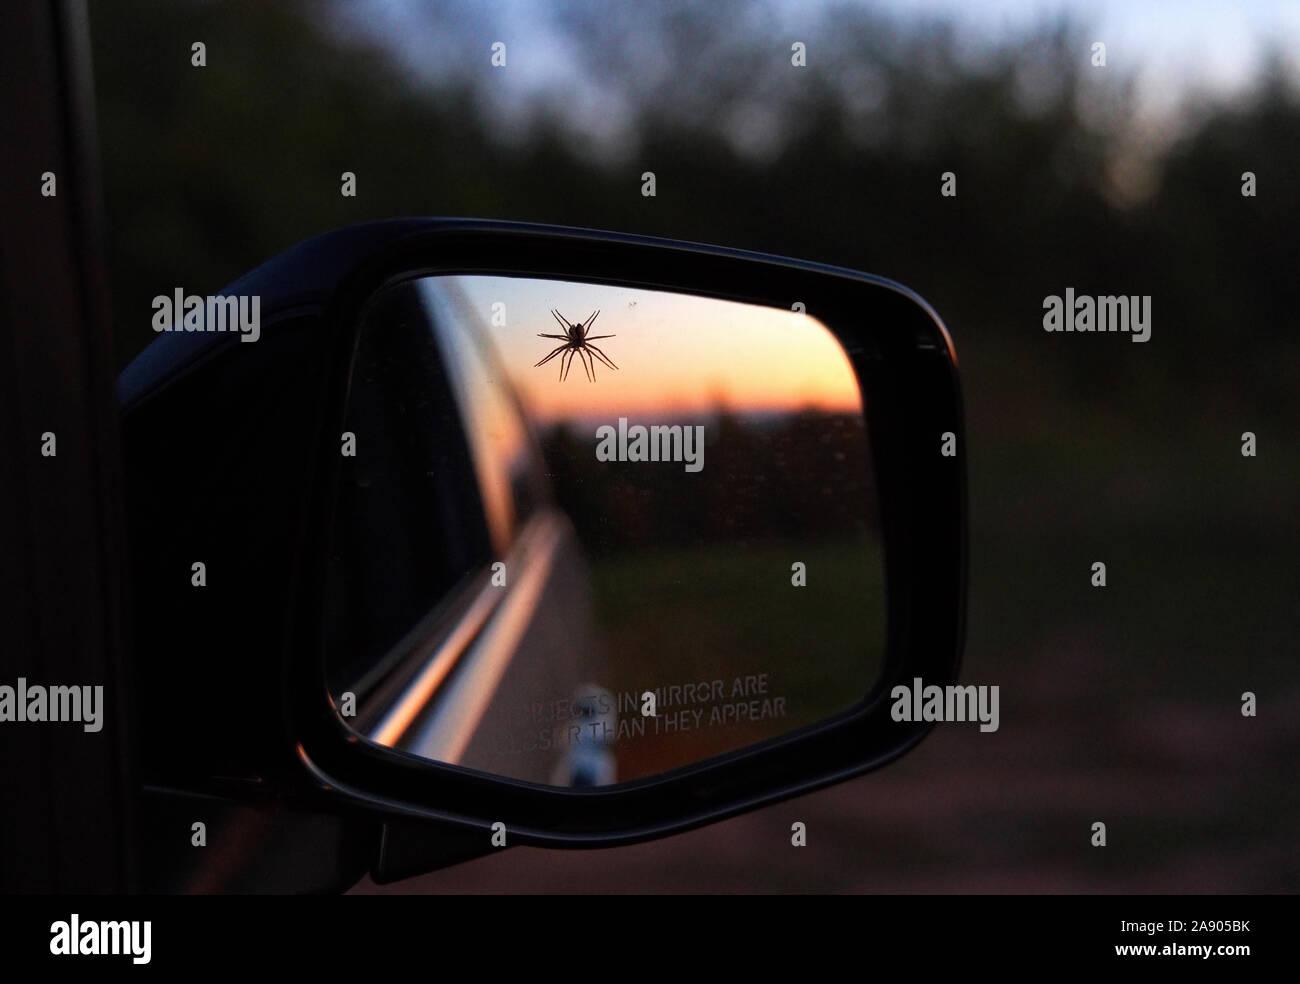 Spider hanging out perdu par un miroir côté voitures. Heureusement, l'alerte sur le miroir sur la manière dont les objets sont plus proches qu'ils semblent ne devraient pas prendre du poids. Banque D'Images